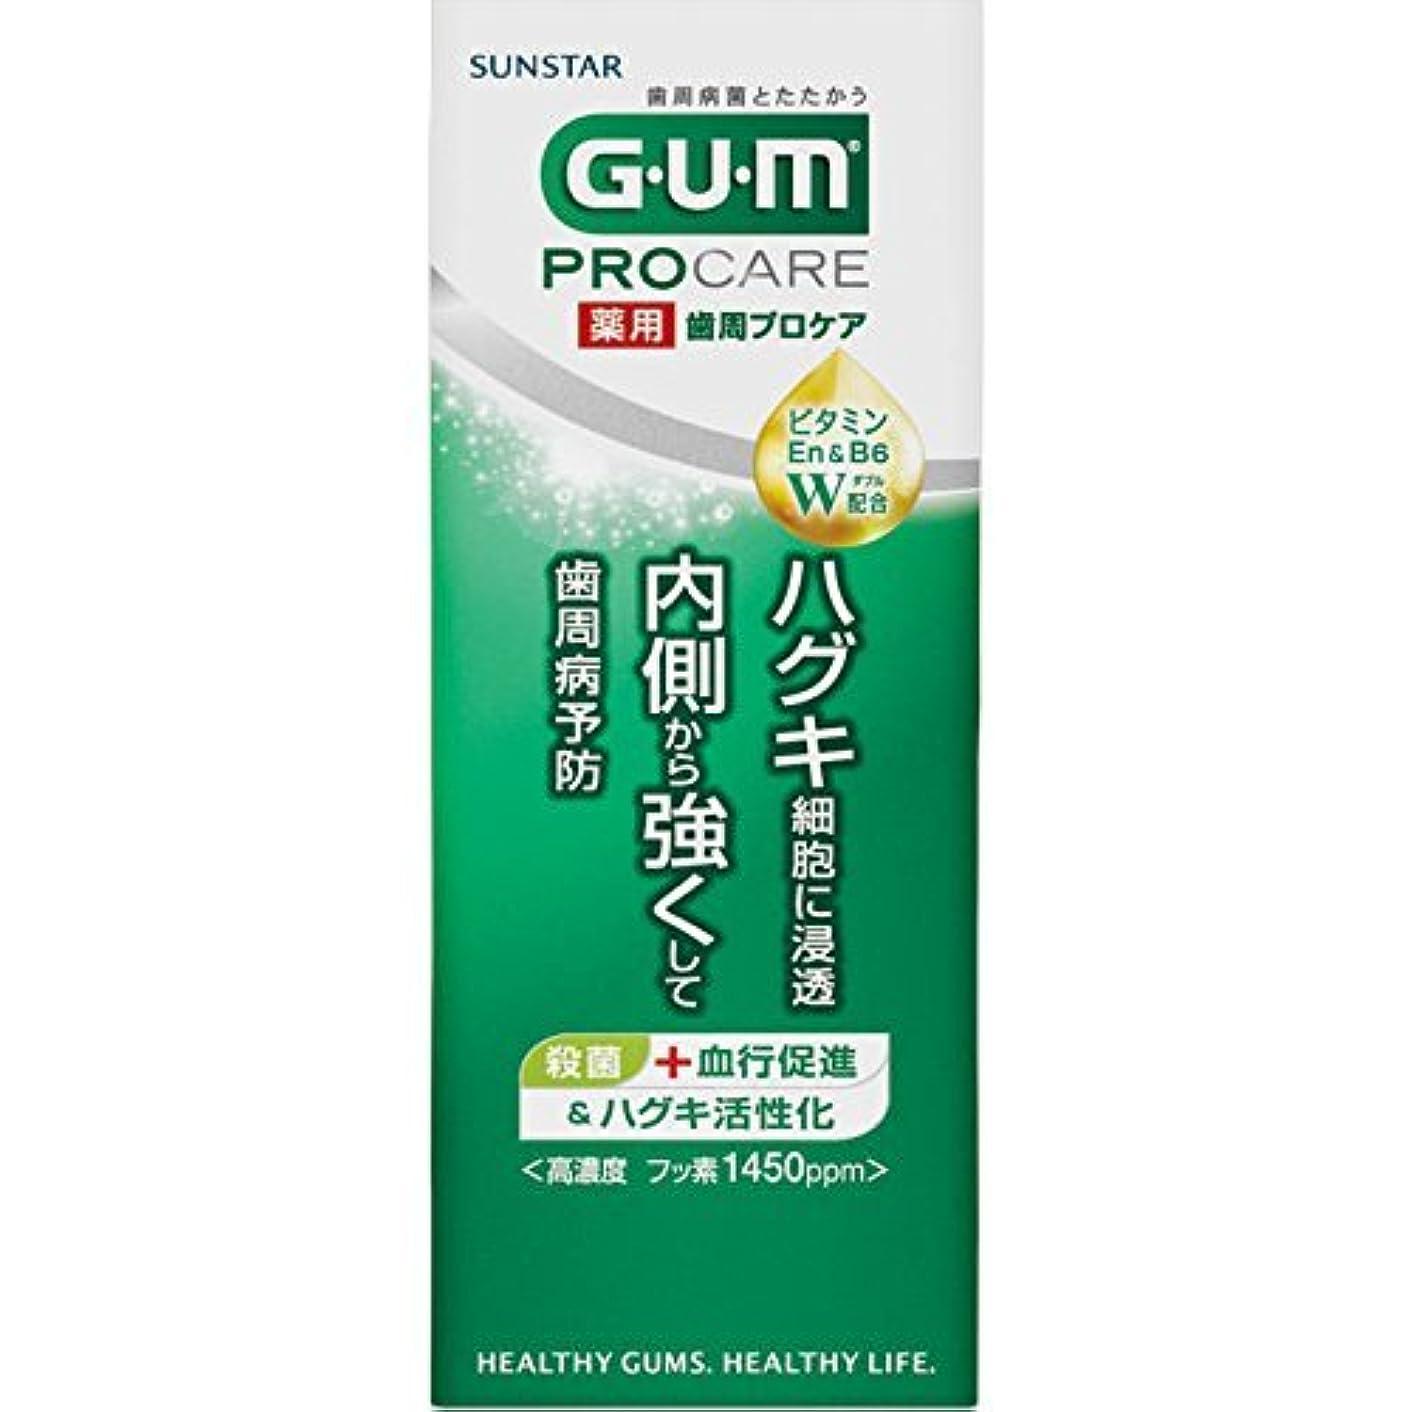 異なる愛情覗く[医薬部外品] GUM(ガム) 歯周プロケア 歯みがき ミニサイズ トライアル 50g <歯周病予防 ハグキケア 高濃度フッ素配合 1450ppm>